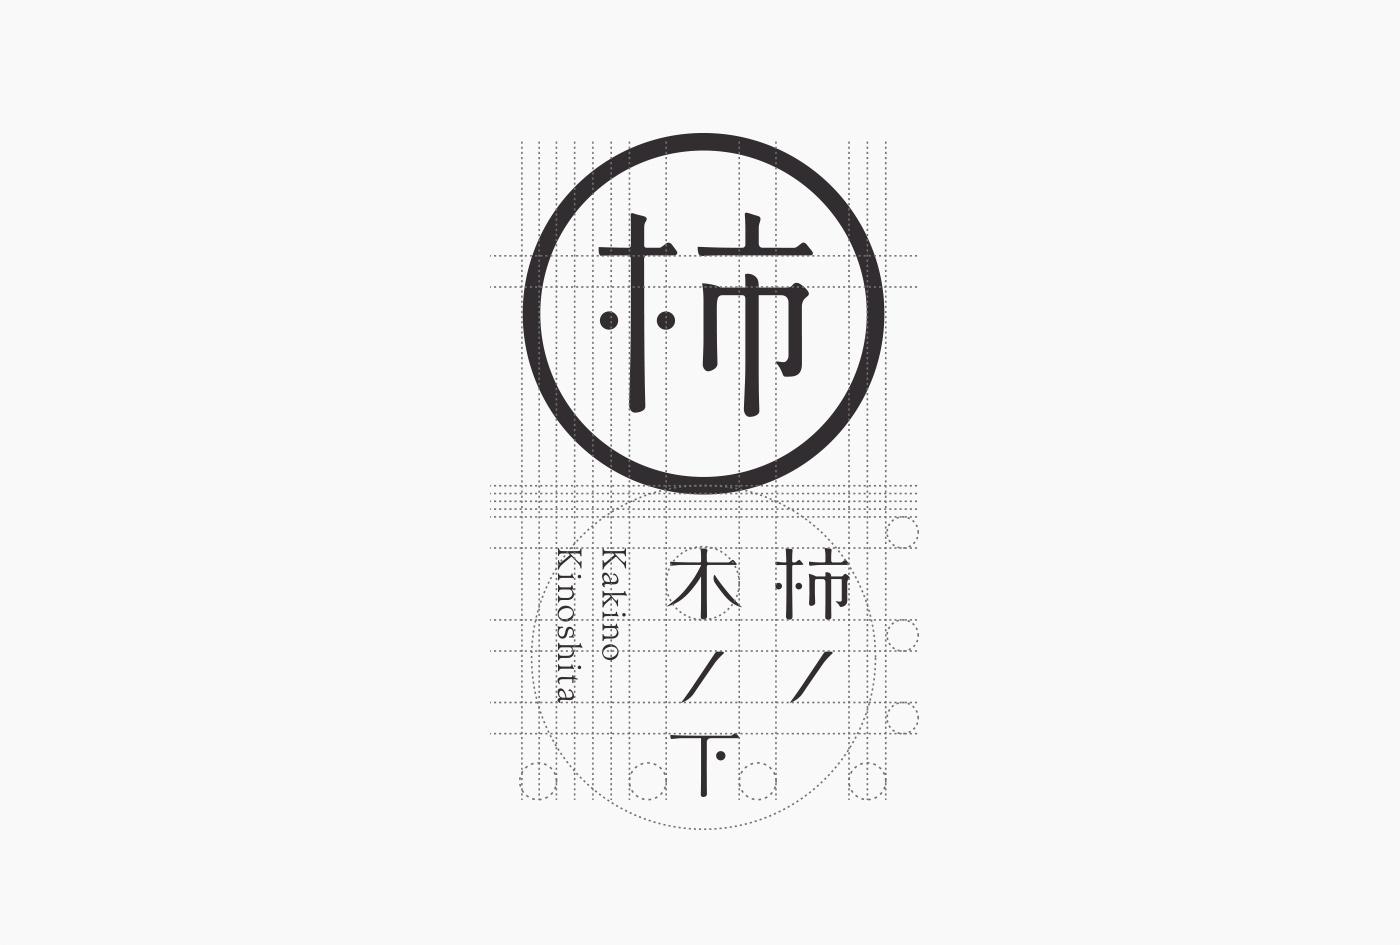 Kakino-Kinoshita/VI 设计 欣赏-第7张